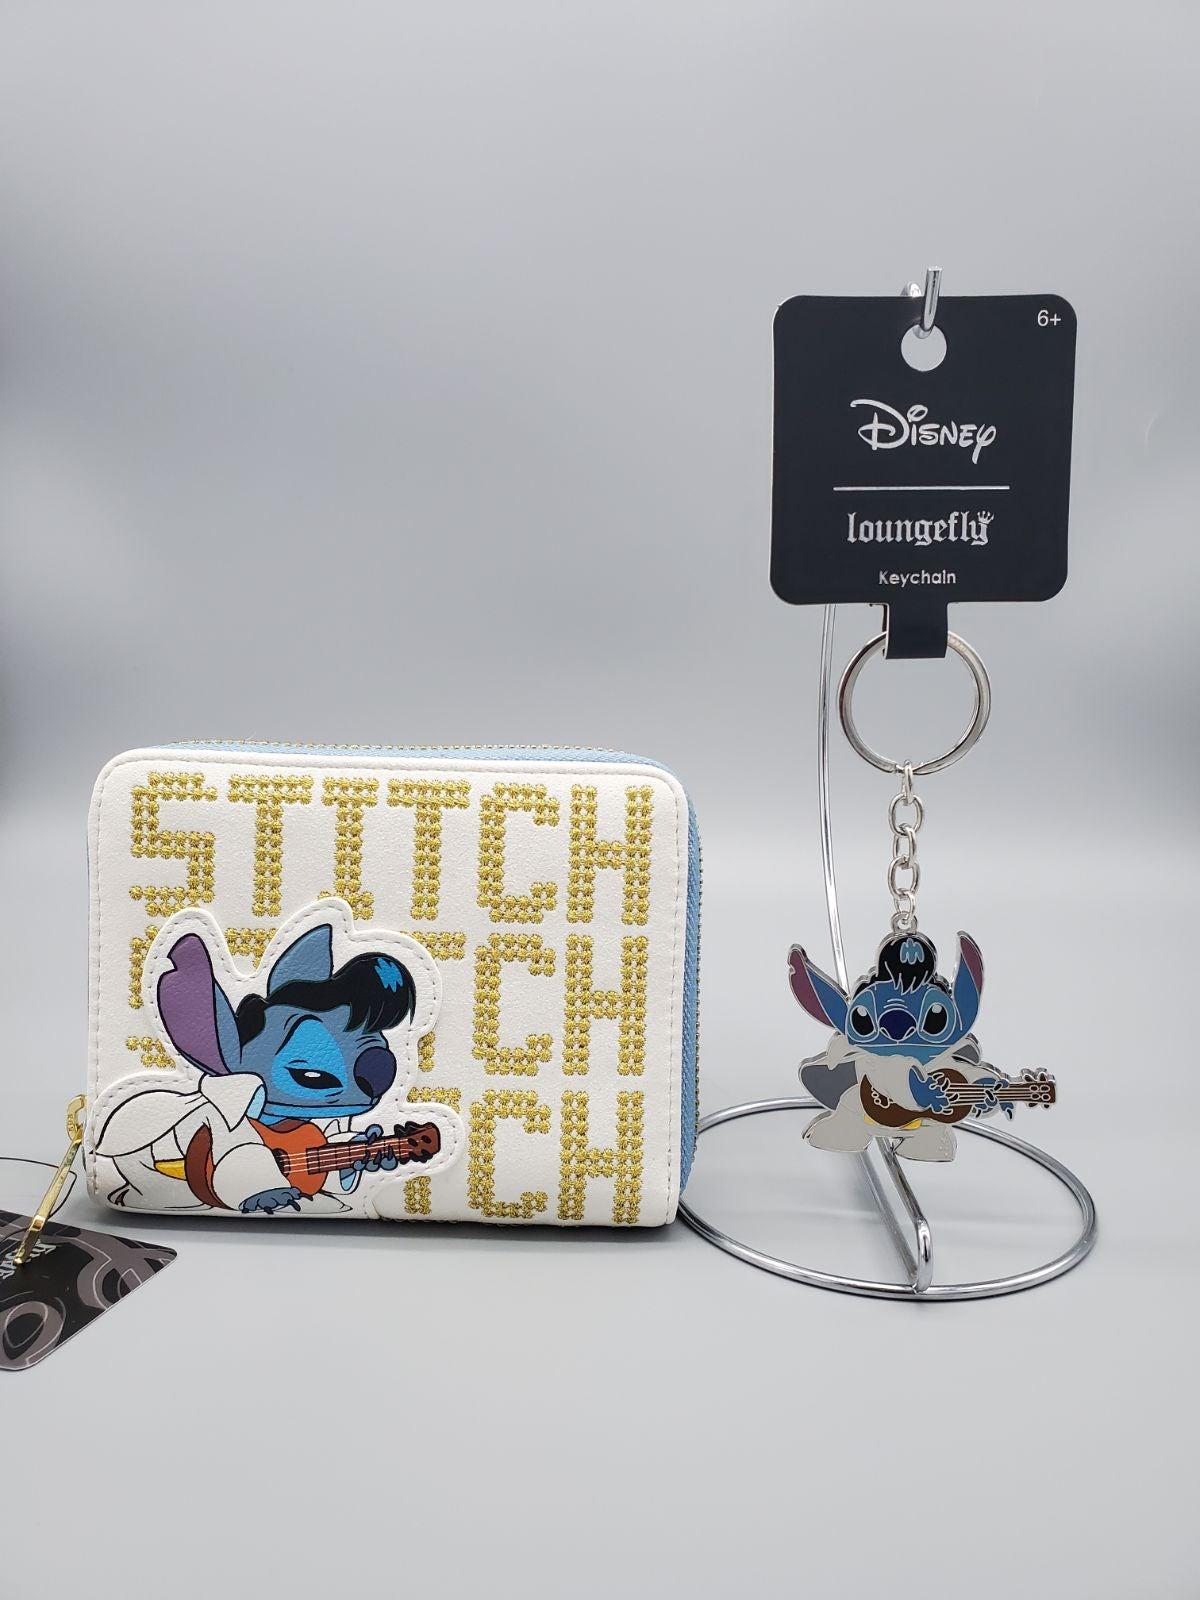 Loungefly Elvis Stitch Wallet & Keychain